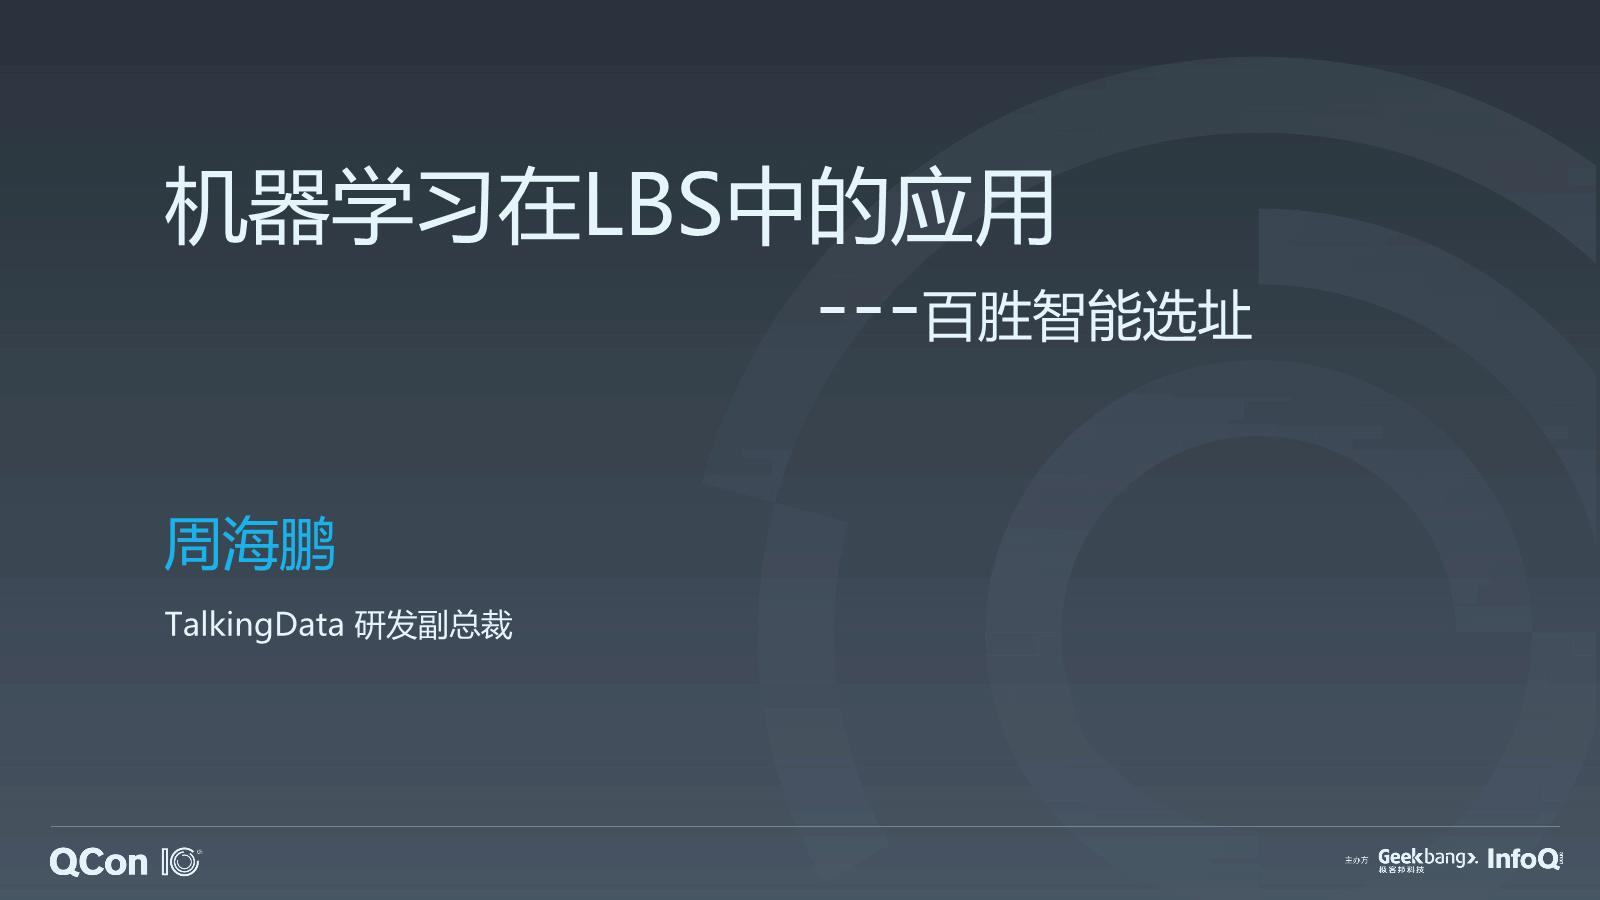 周海鹏-机器学习在LBS中的应用